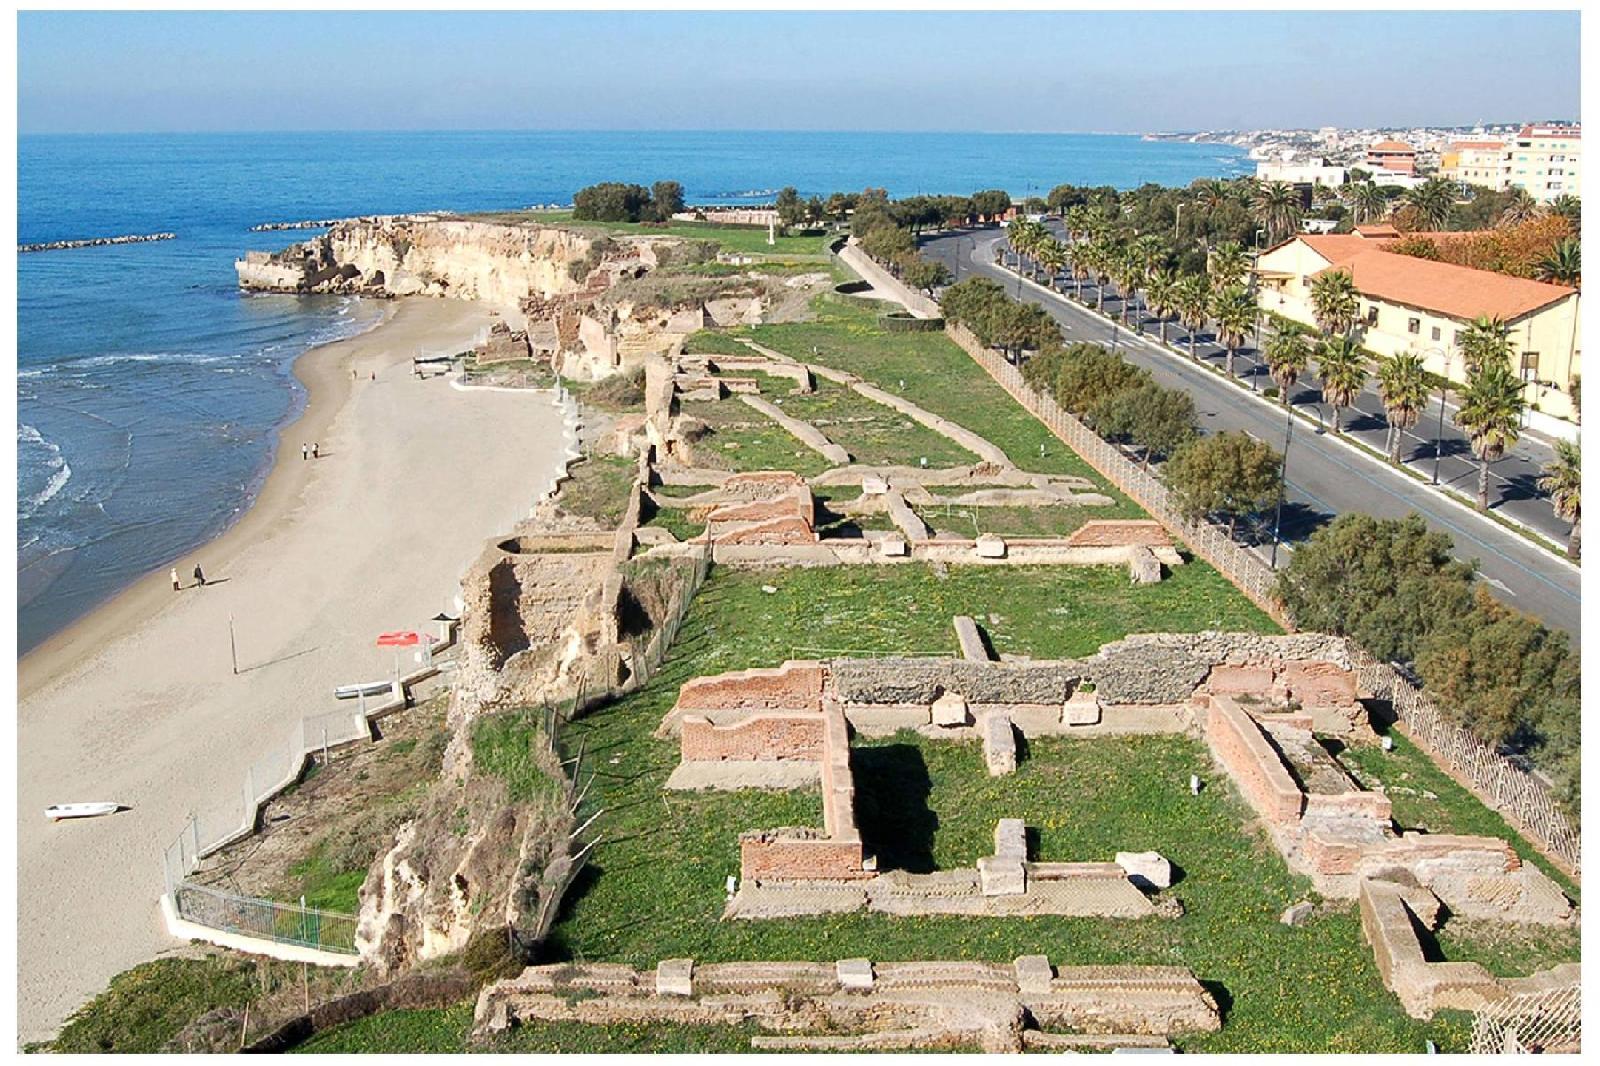 Matrimonio Sul Litorale Romano : Turismo anzio è la reginetta dell estate sul litorale